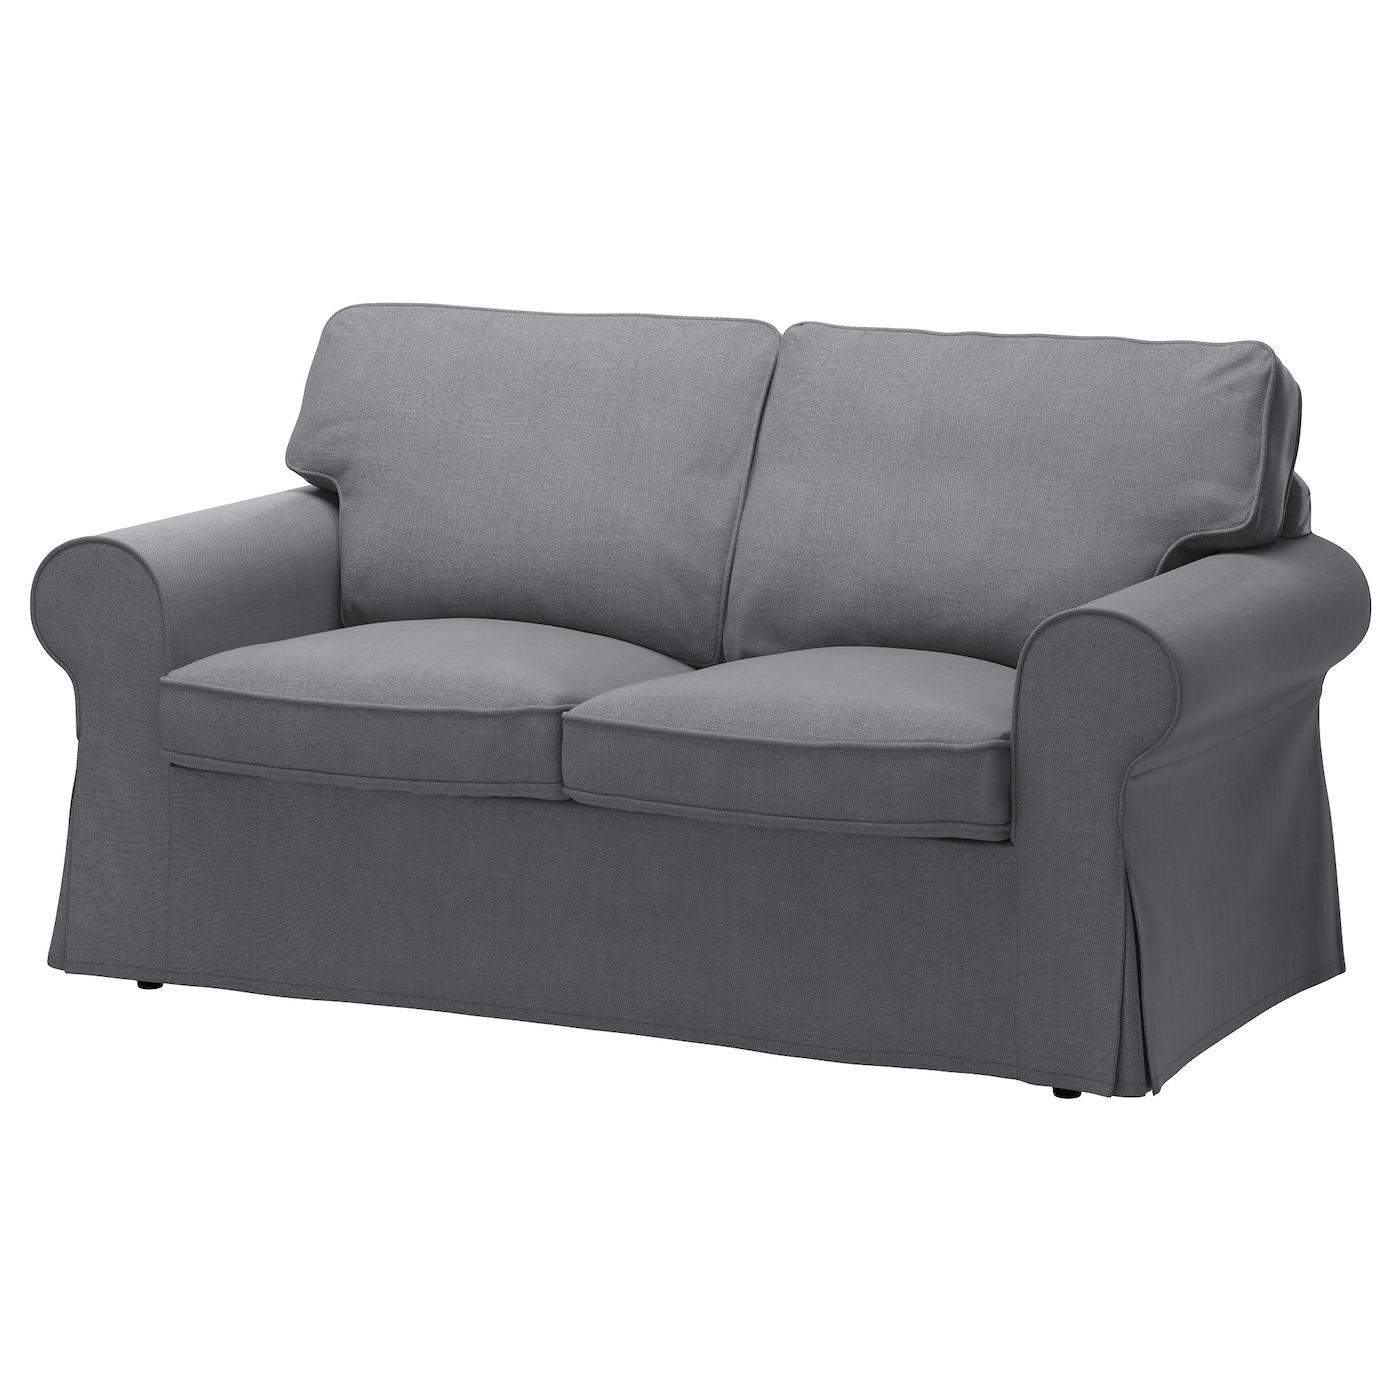 ektorp canapé 2 places nordvalla gris foncé - ikea